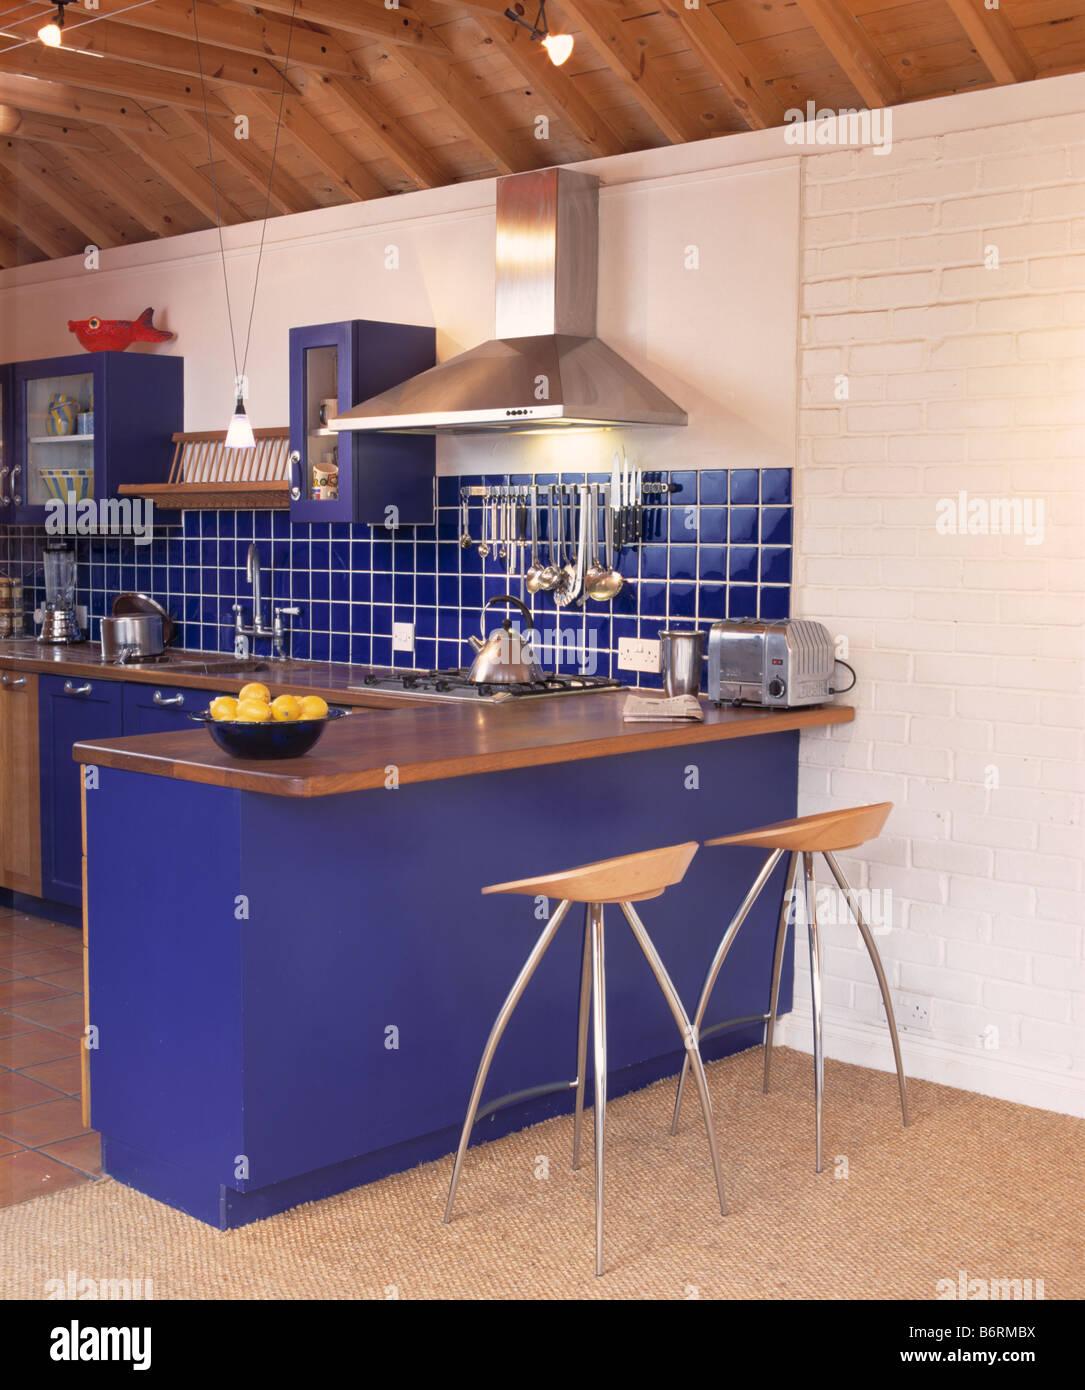 Holz und Metall Hocker an Frühstücksbar mit Holz Arbeitsplatte in ...